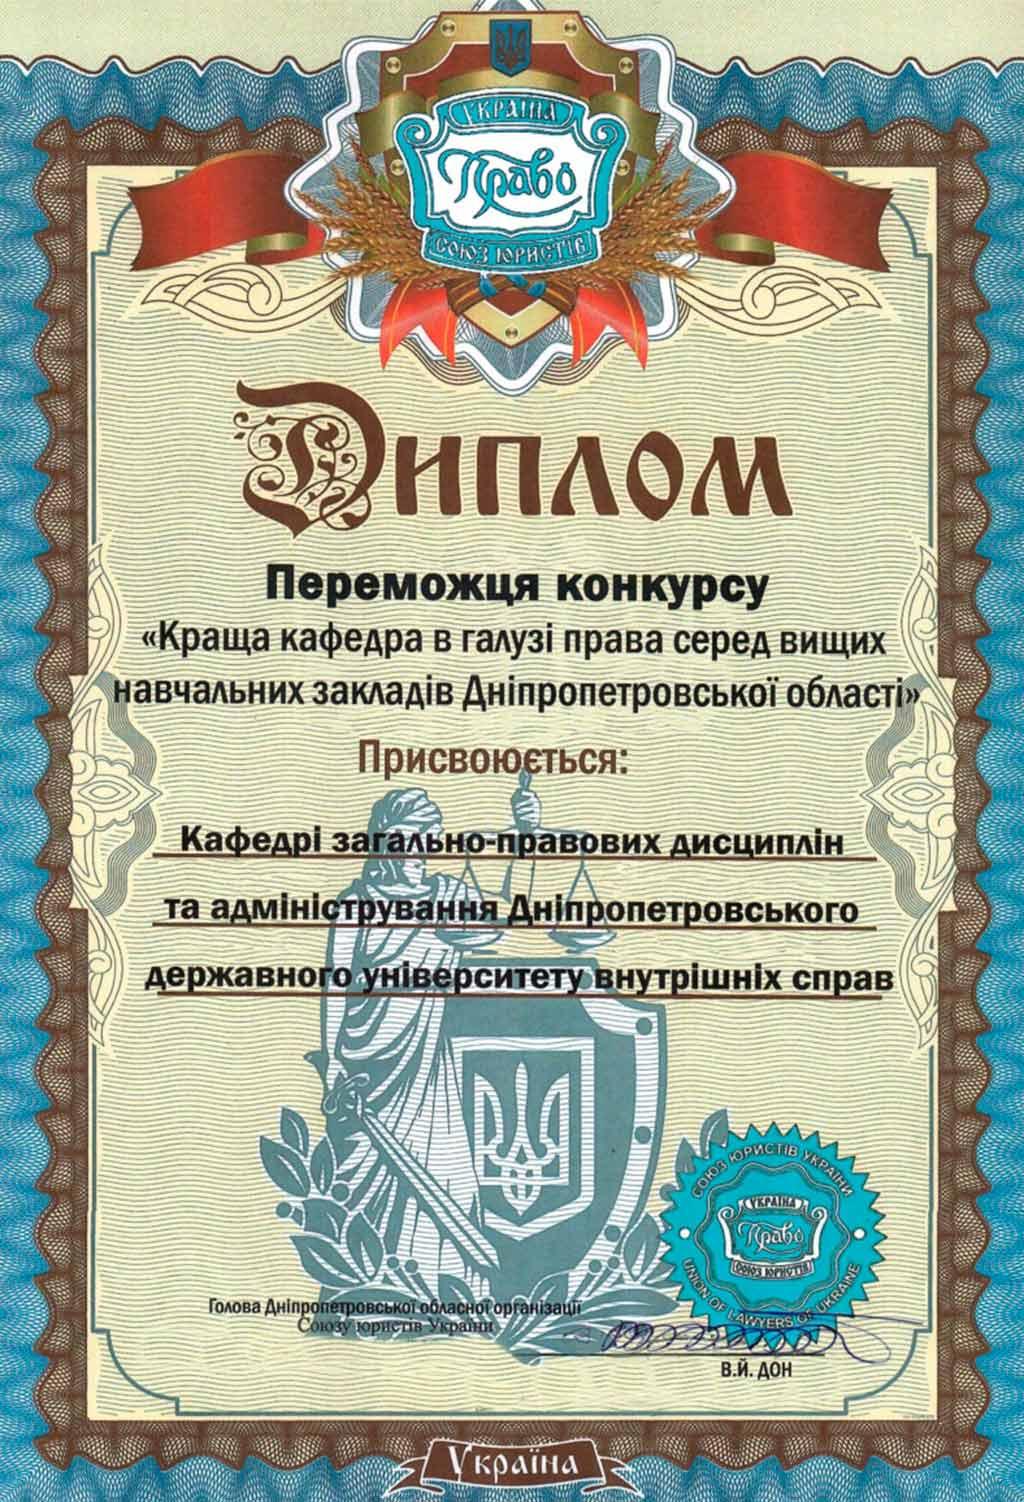 Диплом - Краща кафедра в галузі права